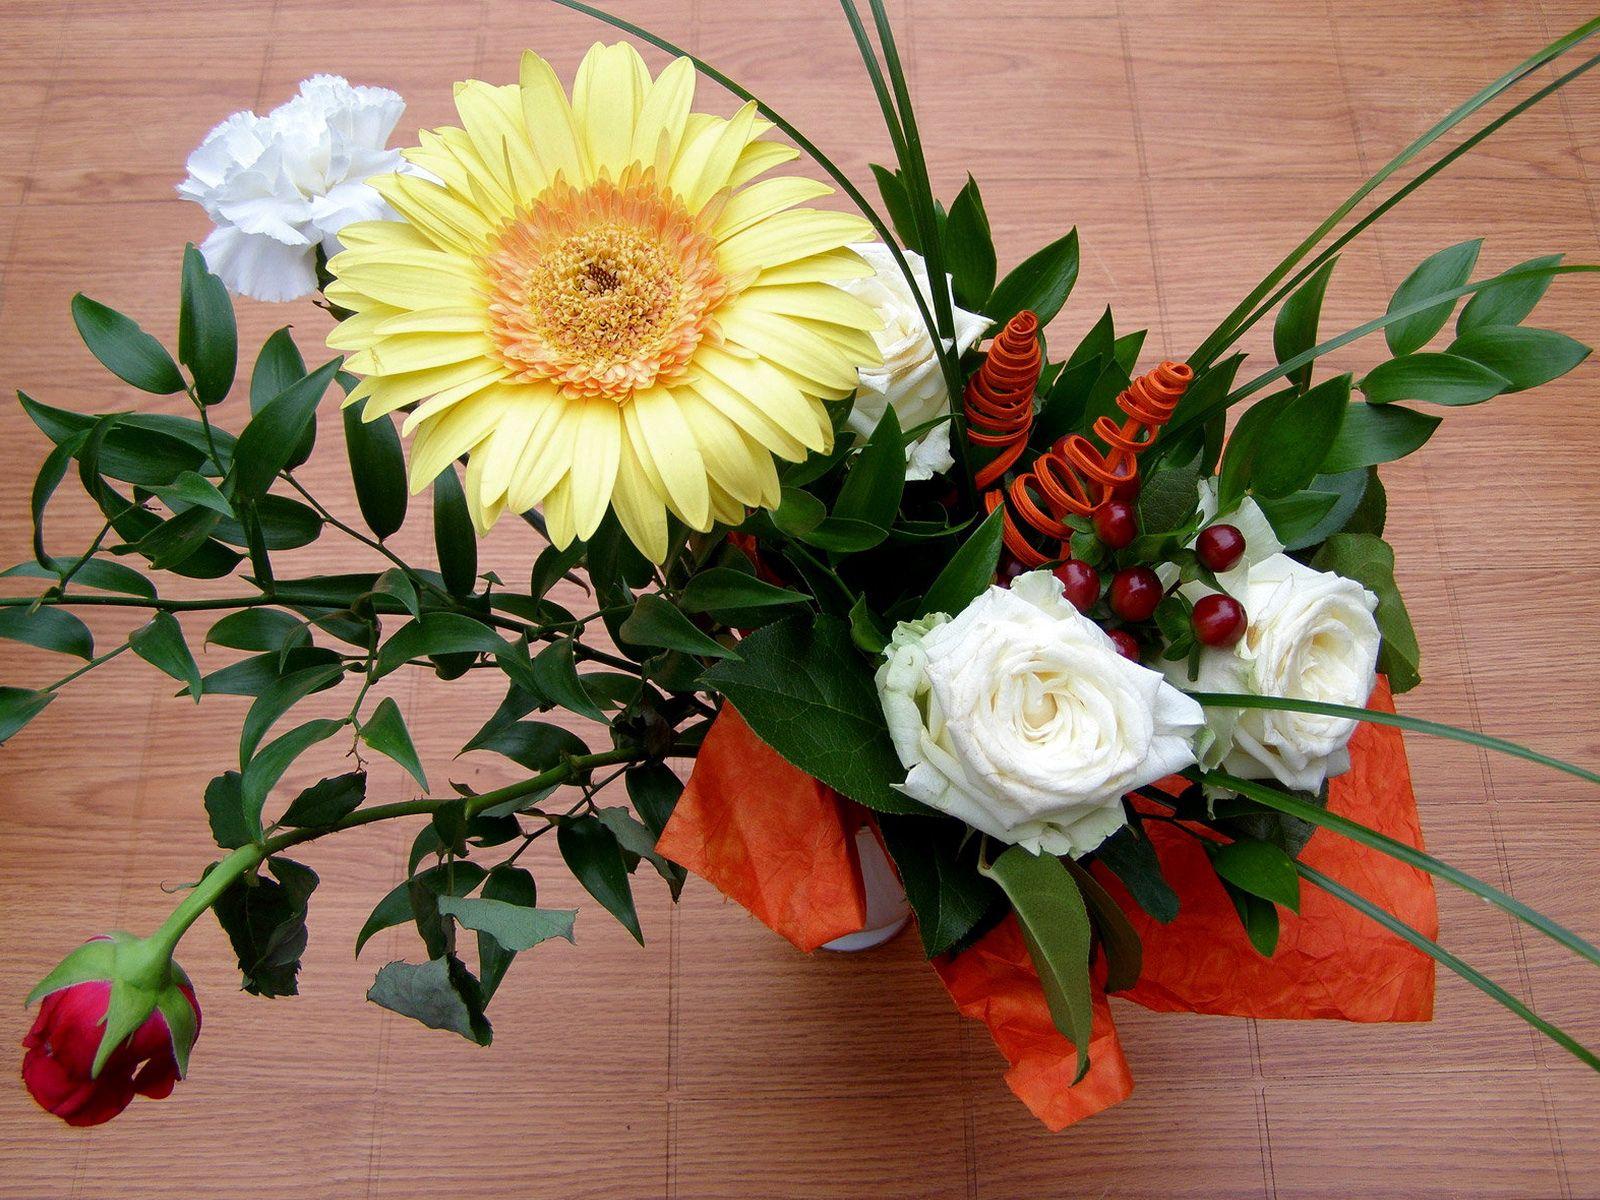 84535 скачать обои Цветы, Розы, Оформление, Композиция, Гербера, Гвоздика - заставки и картинки бесплатно